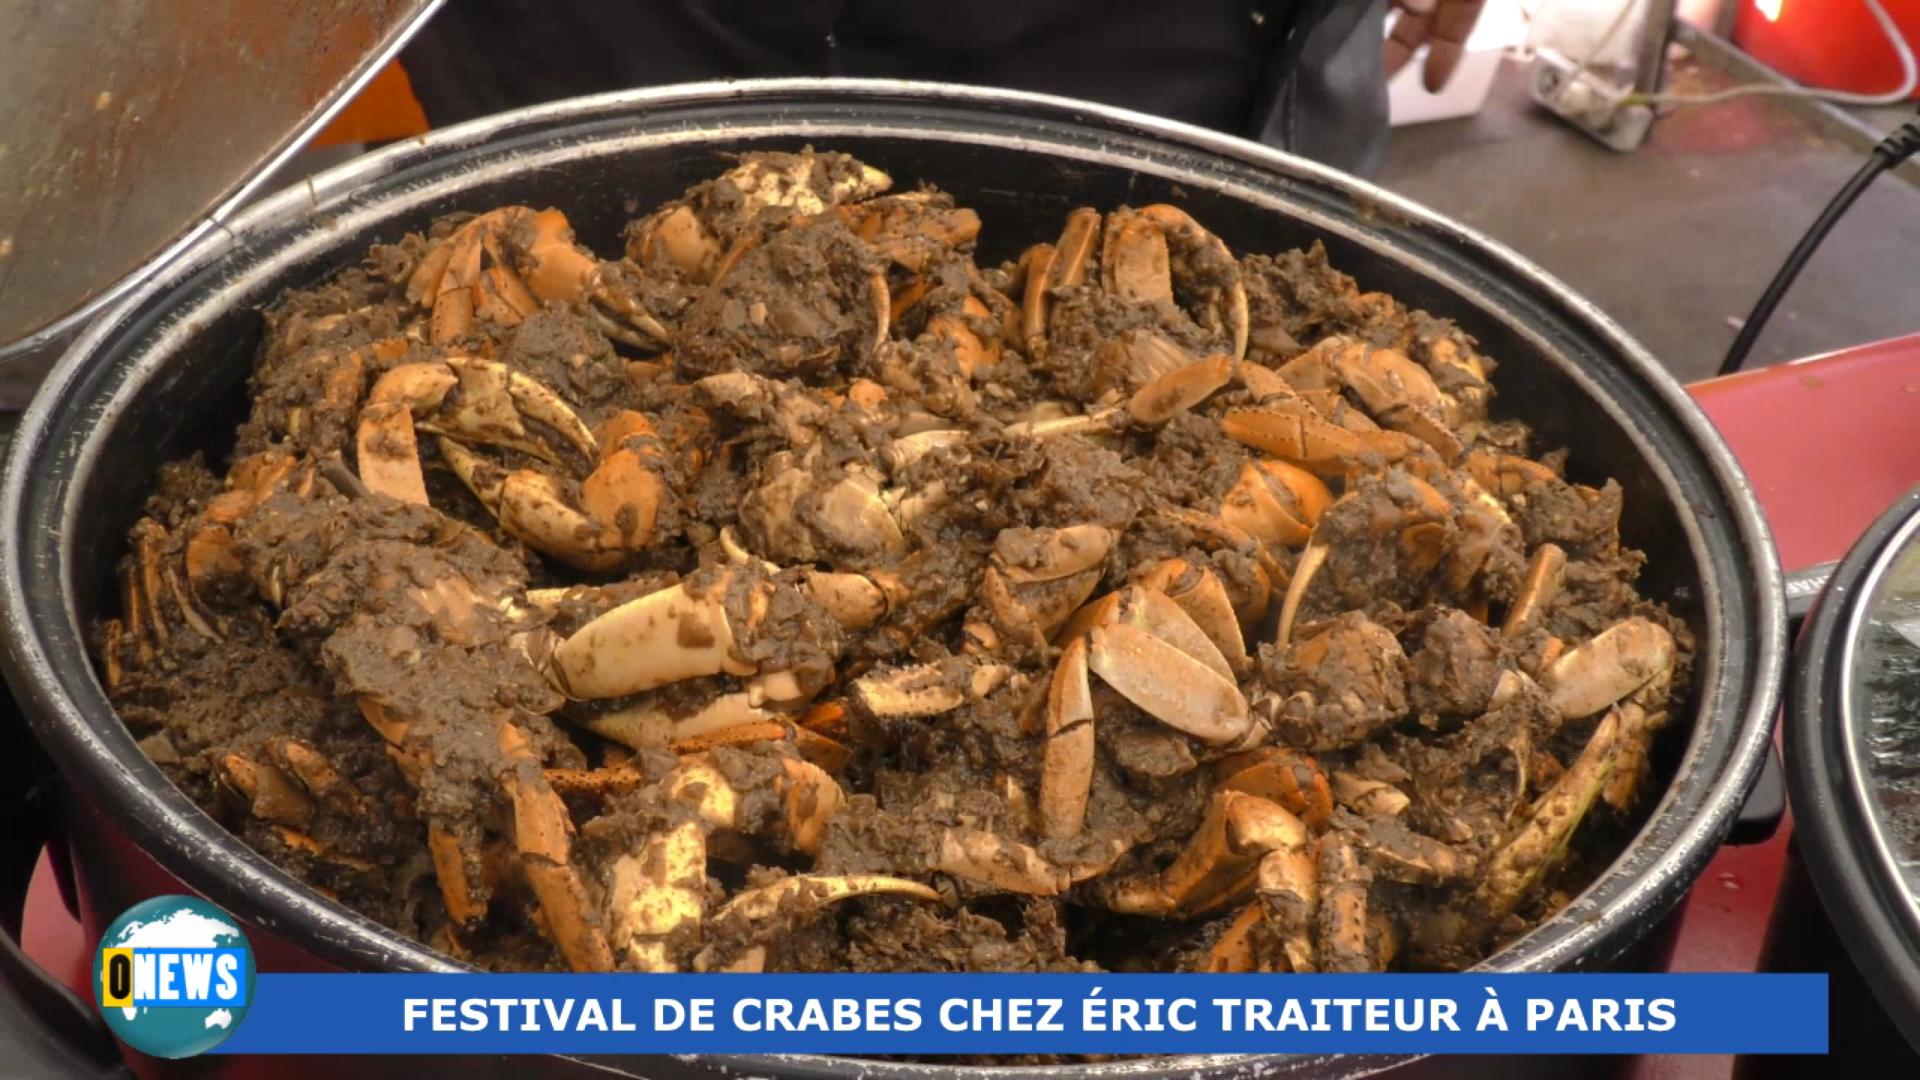 [Vidéo] OnewsHexagone. Festival de Crabes à Paris le week end dernier